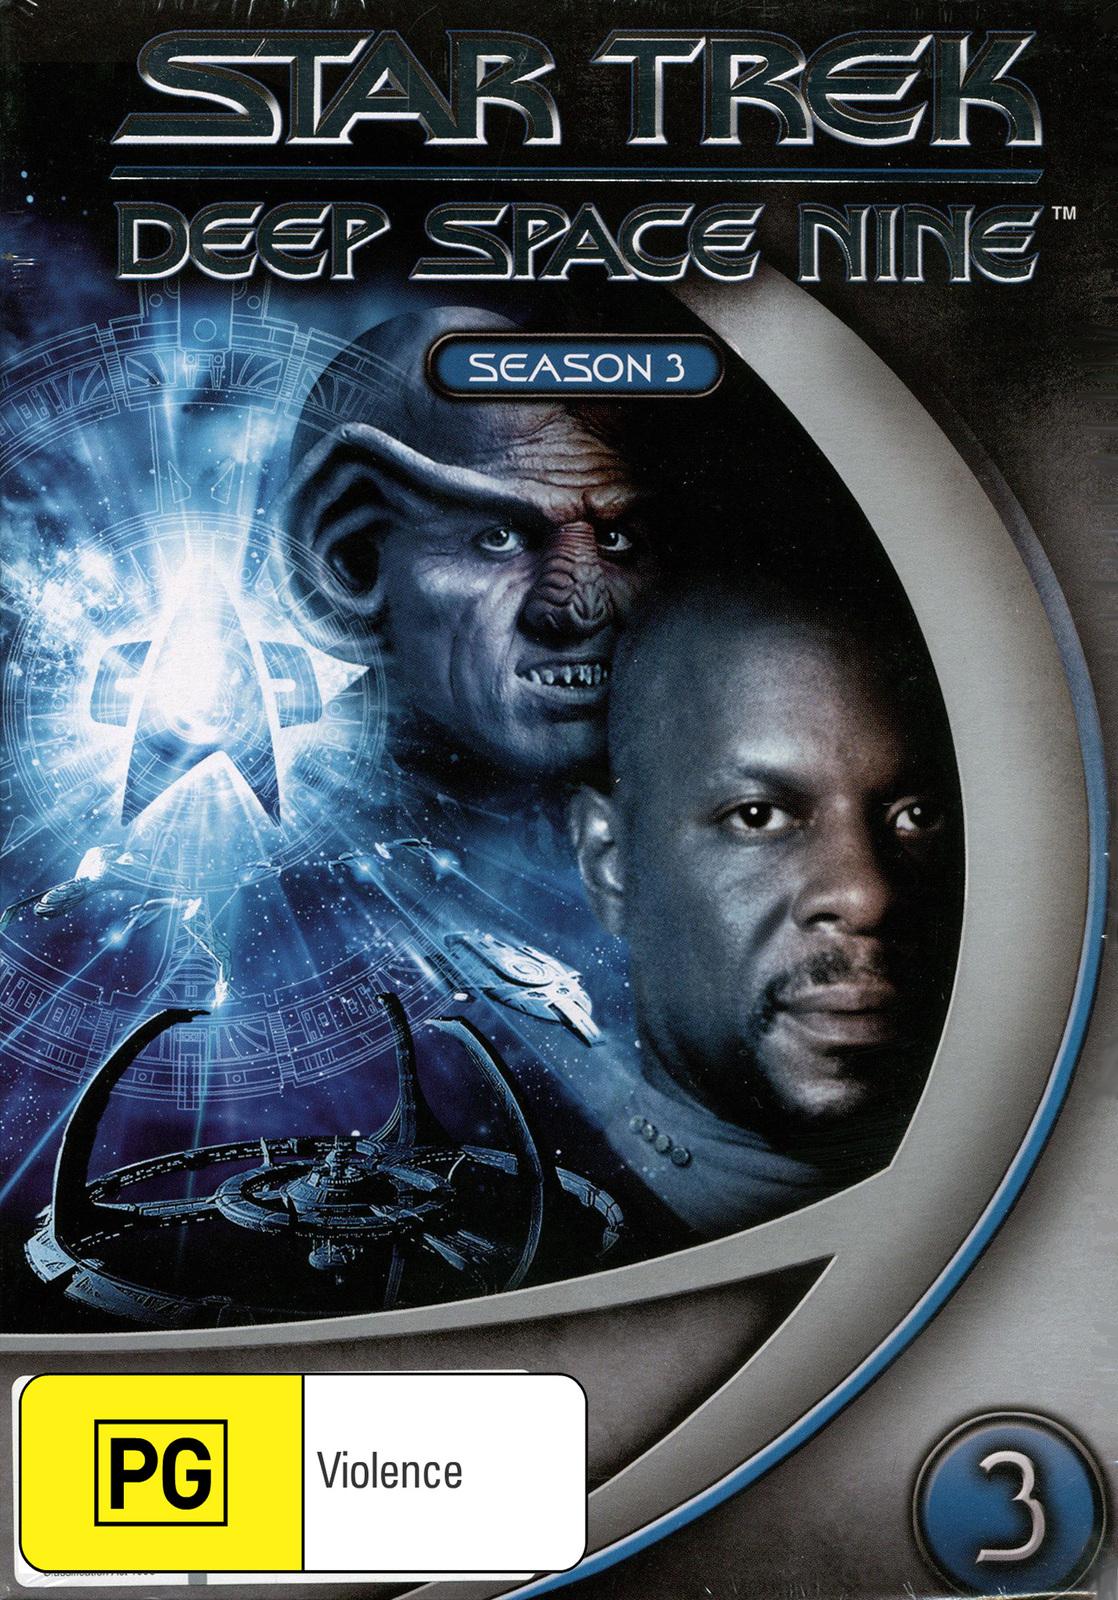 Star Trek: Deep Space Nine - Season 3 (New Packaging) on DVD image